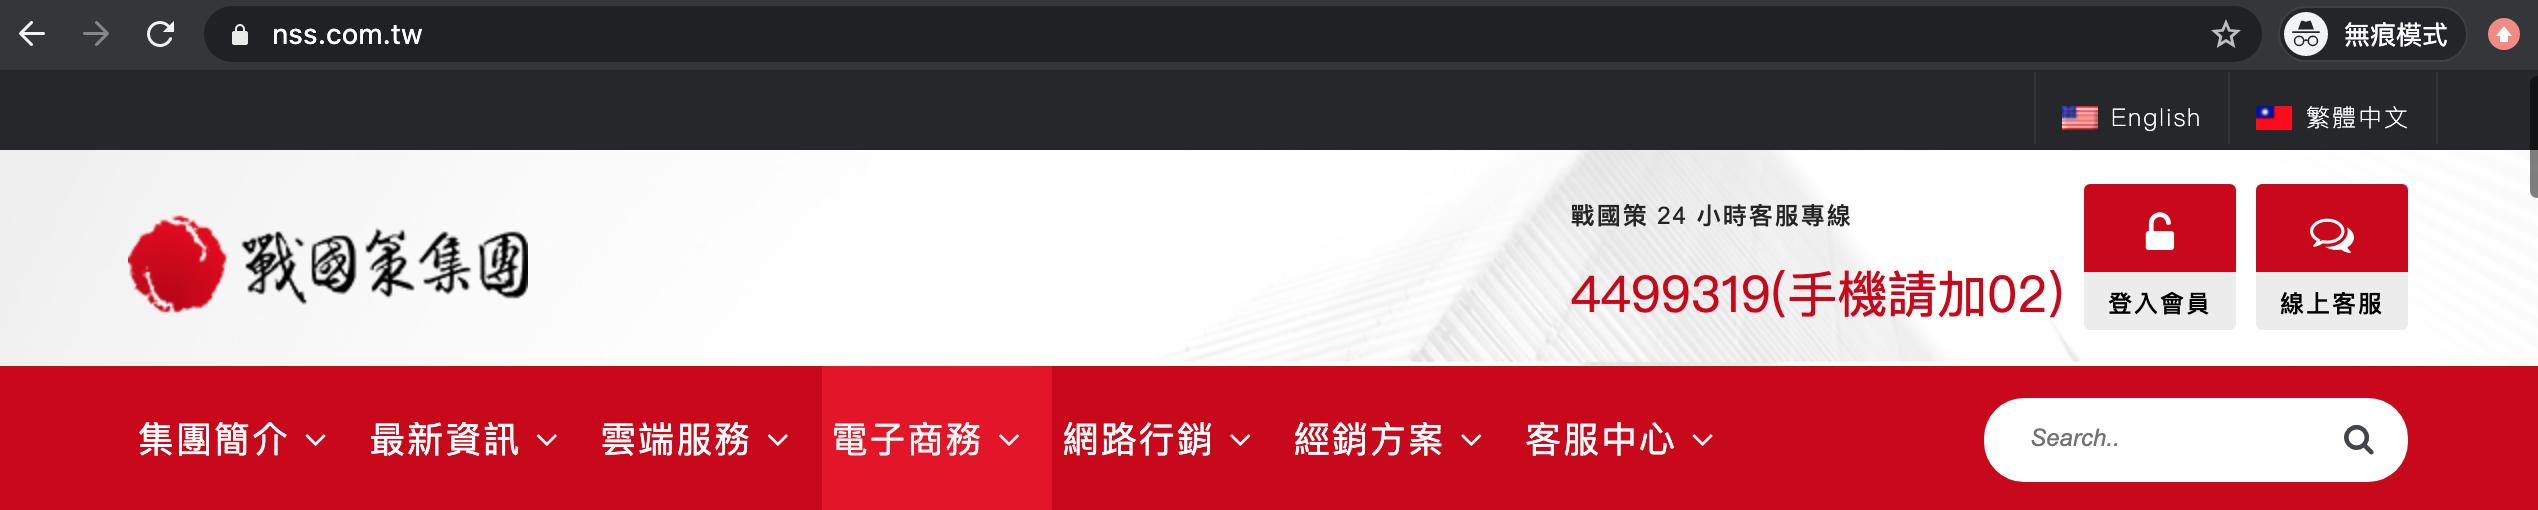 企業形象網站 網址示意圖